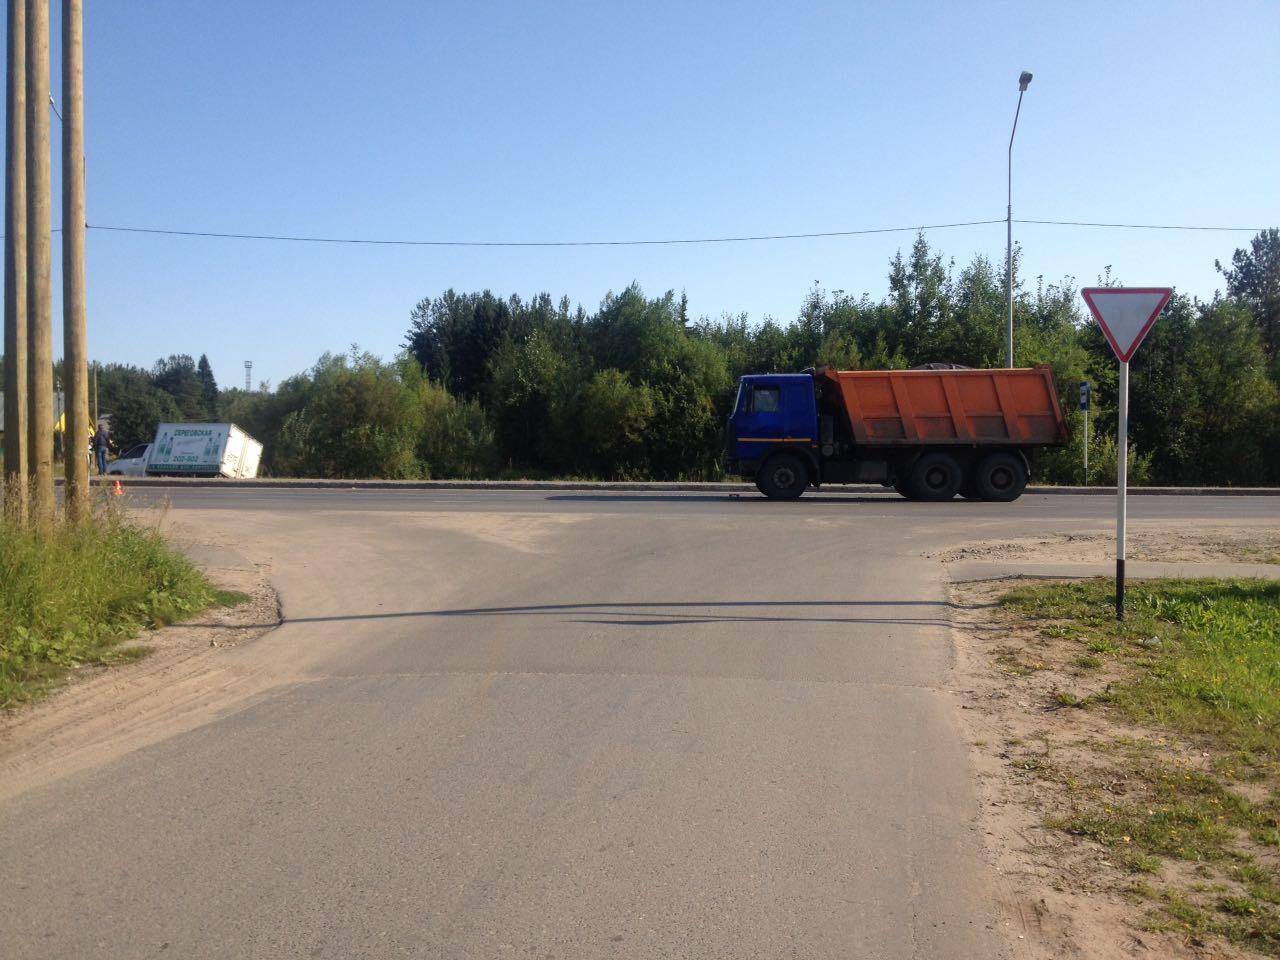 ВКоми грузовой автомобиль столкнулся смикроавтобусом, есть пострадавшие